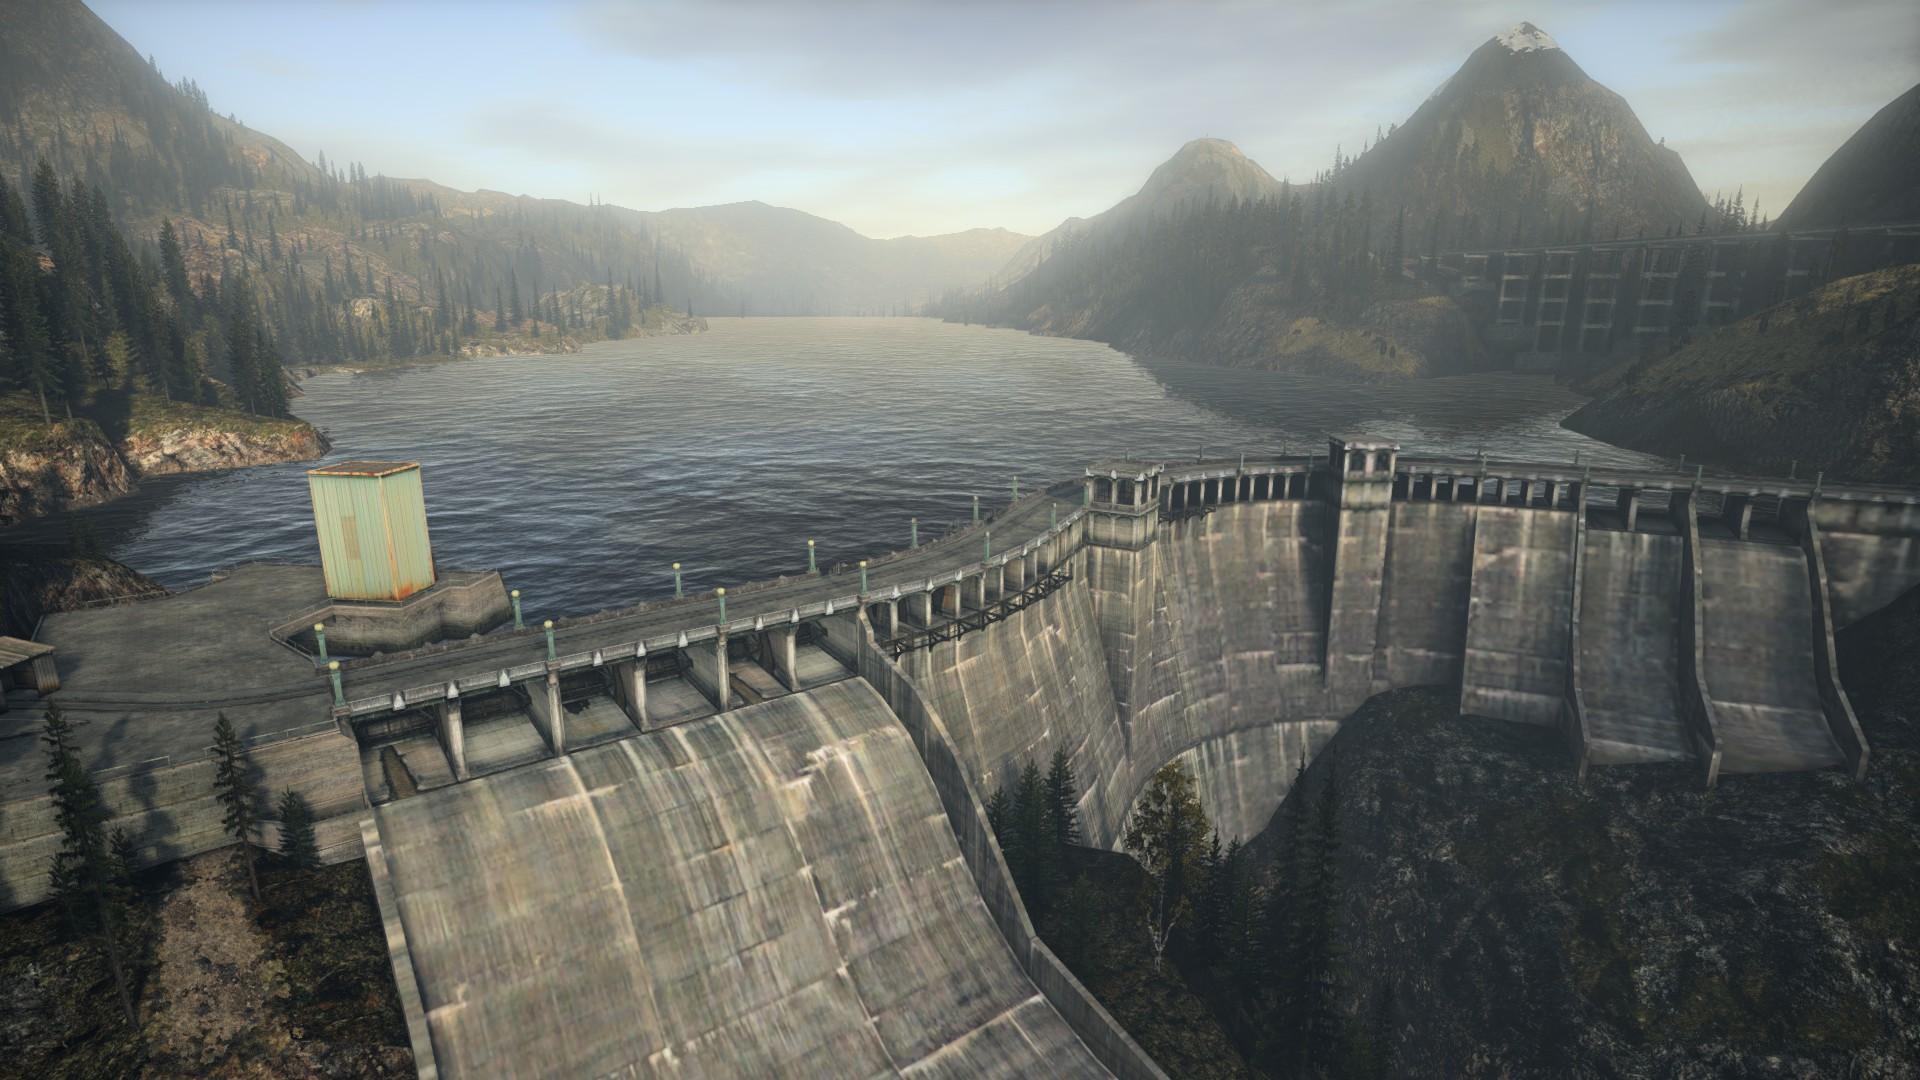 Dam - Control: riferimenti e connessioni con Alan Wake